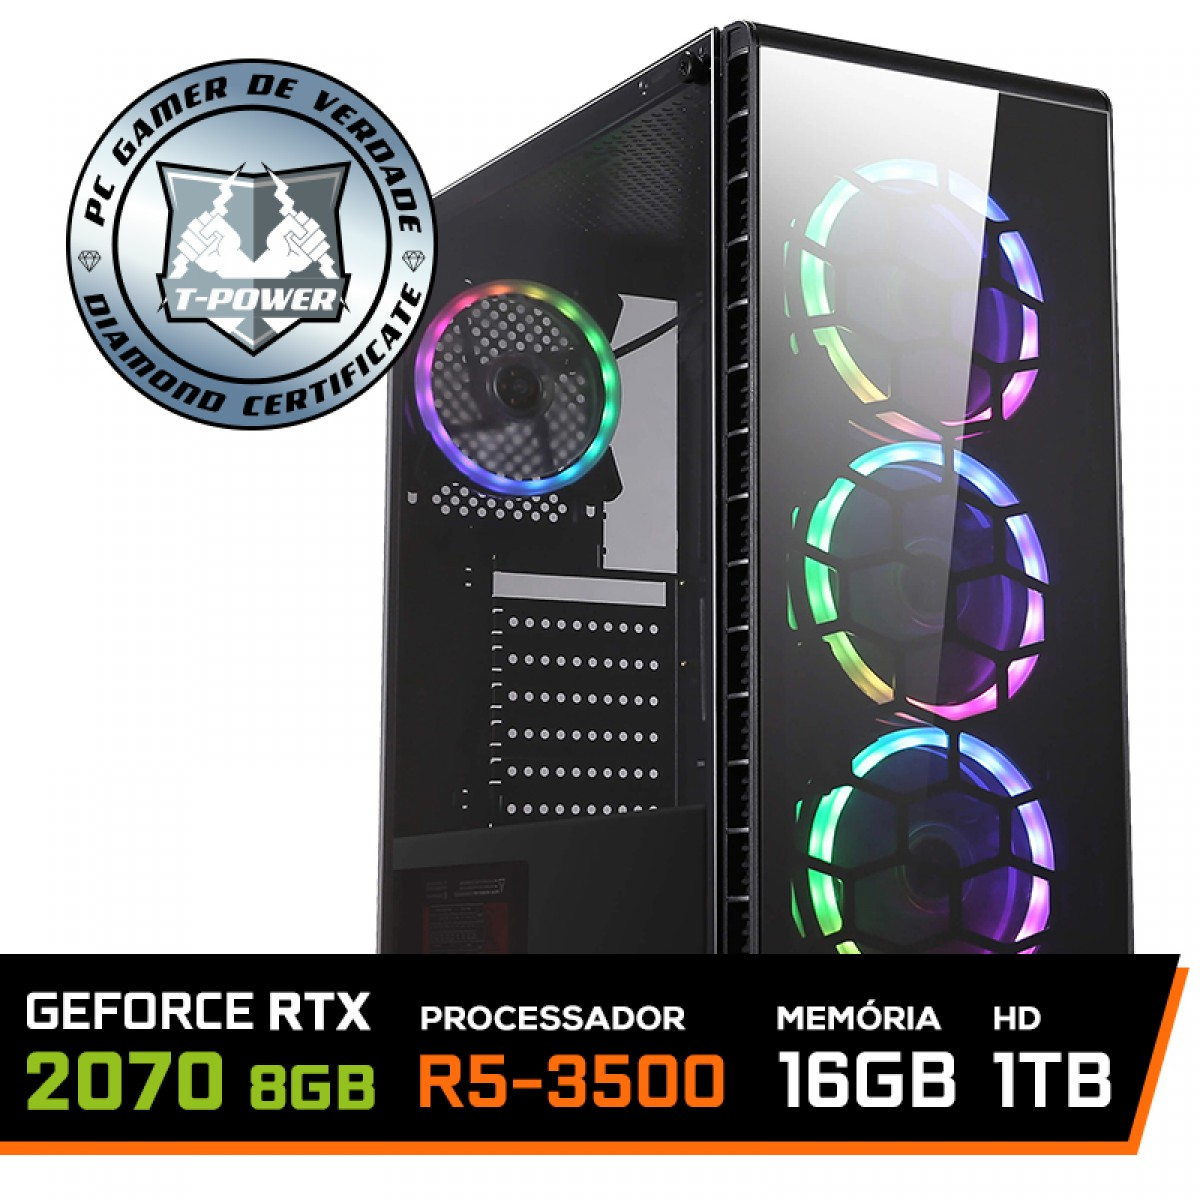 Pc Gamer T-Power Brutal Lvl-2 AMD Ryzen 5 3500 / Geforce RTX 2070 8GB / DDR4 16GB / HD 1Tb / 600W